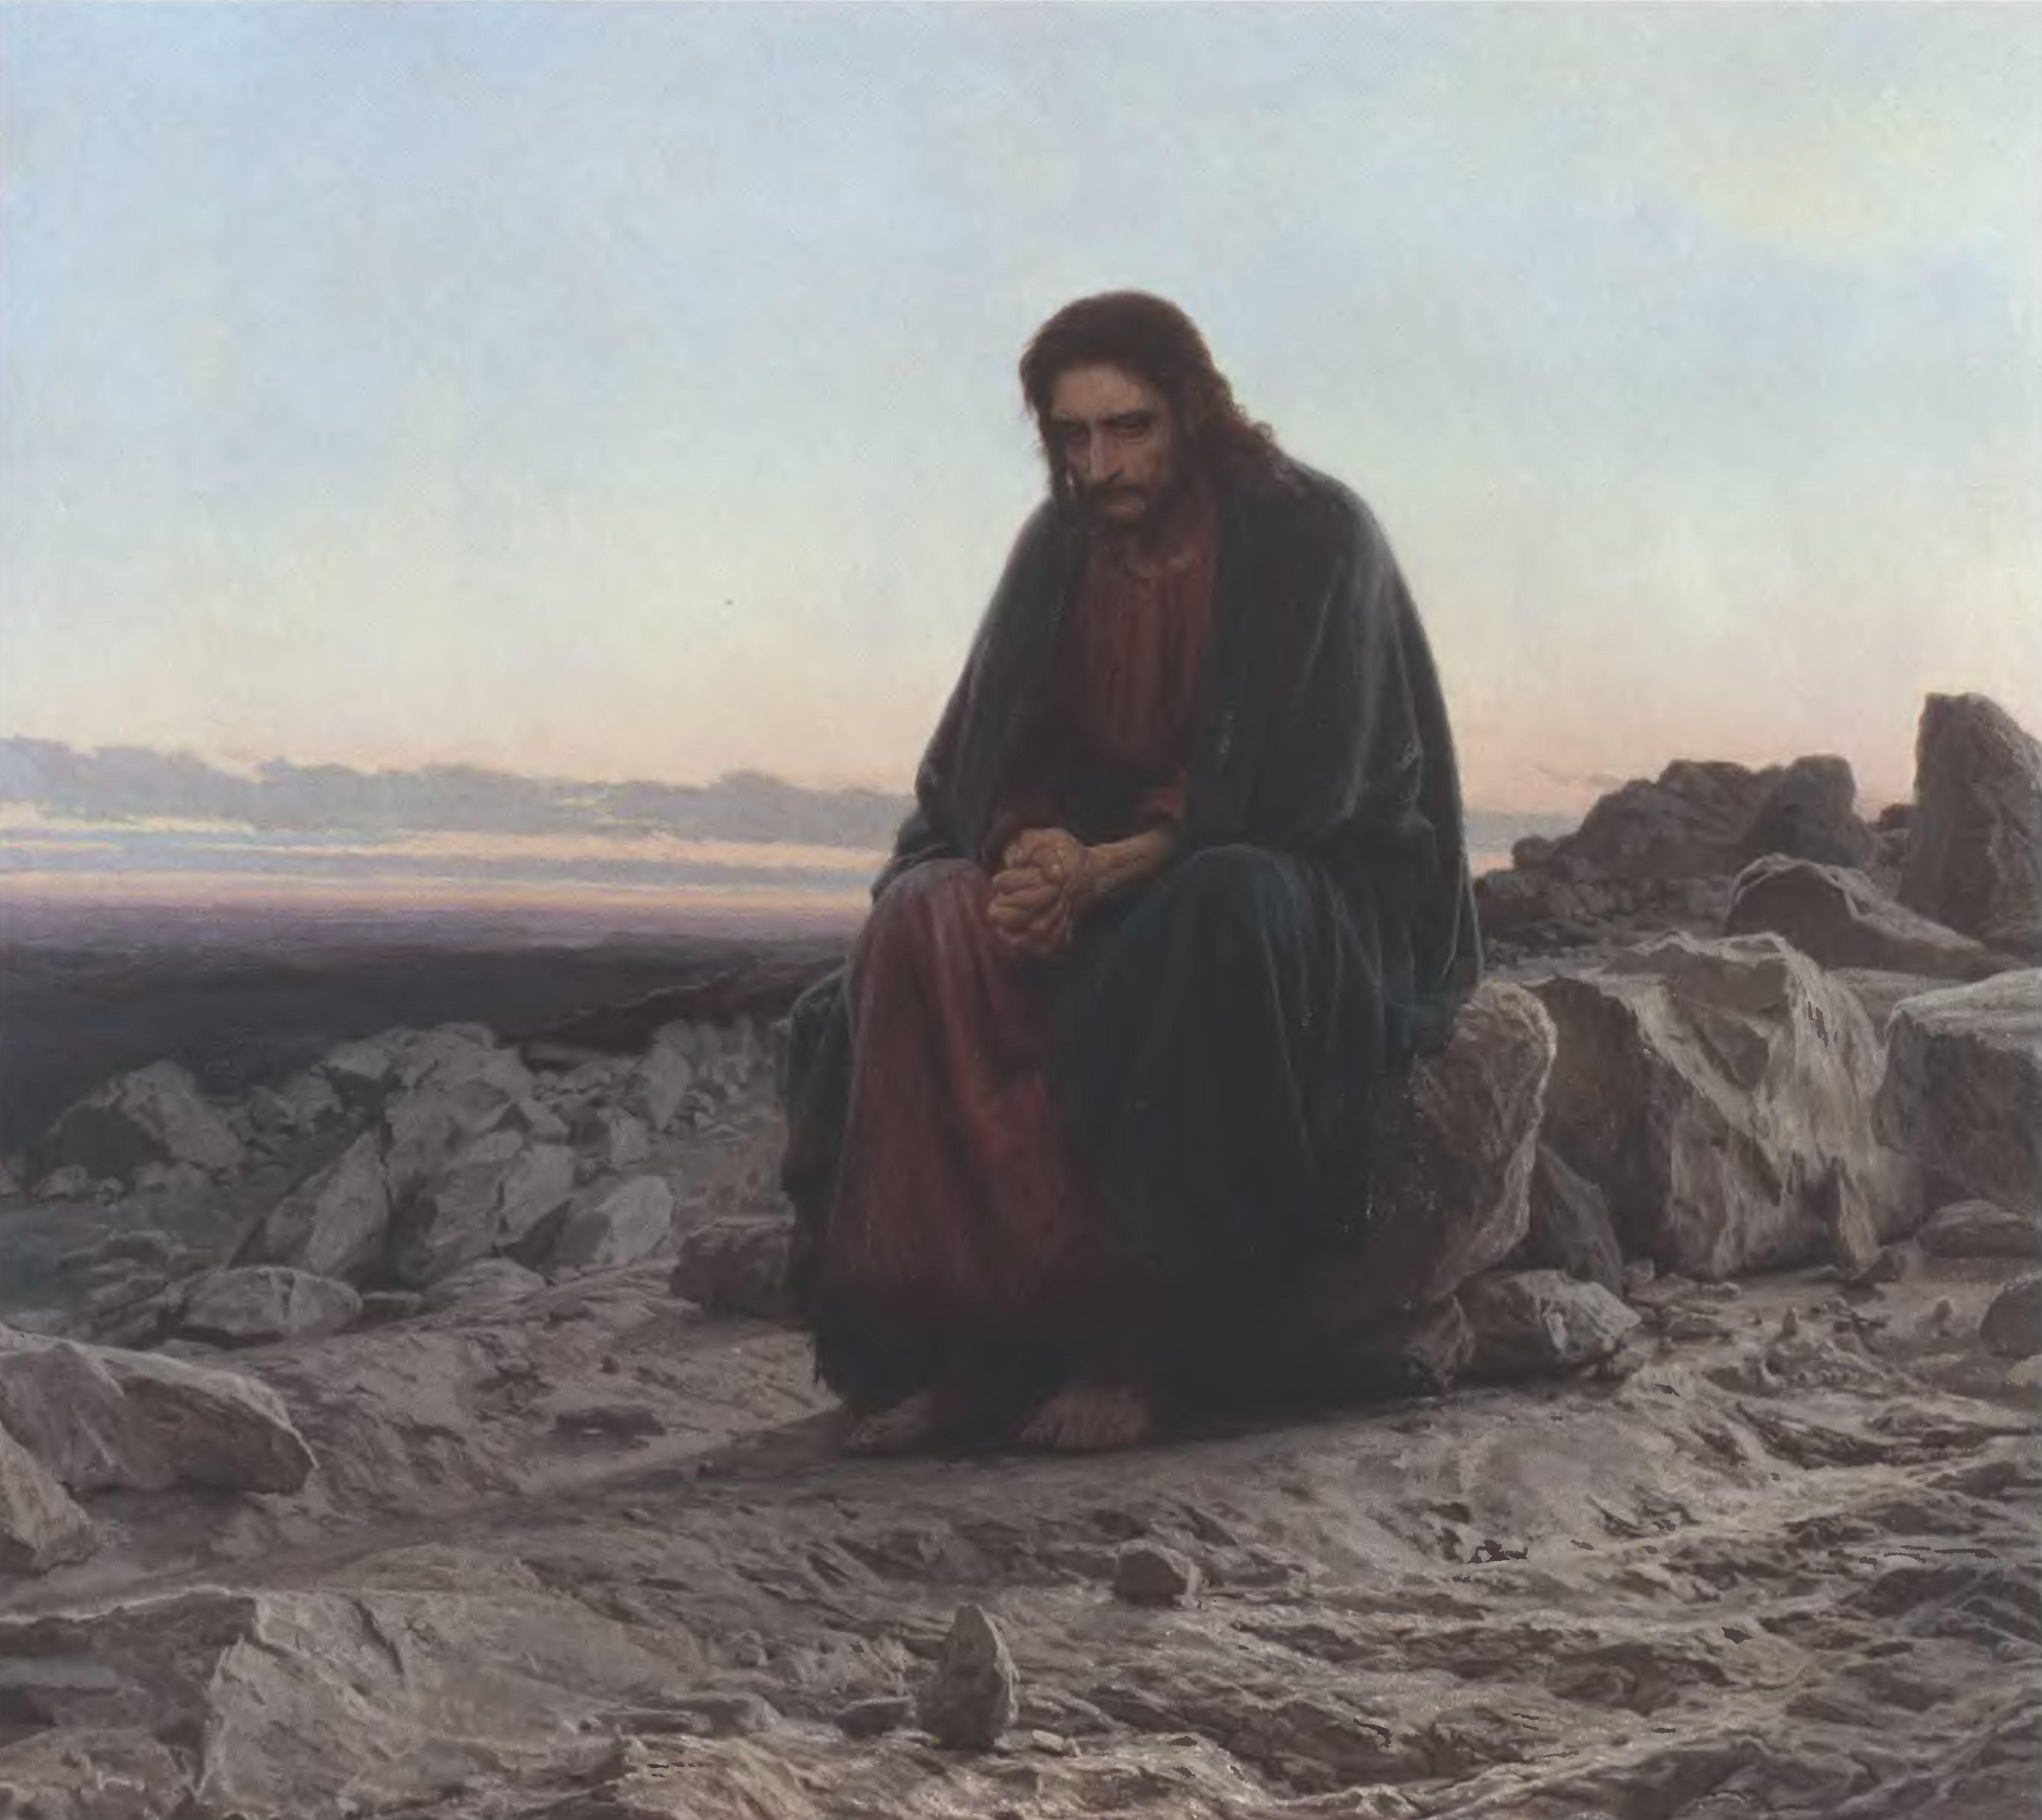 ИВАН КРАМСКОЙ. Христос в пустыне. 1872. Холст, масло. 180 х 210 см. Государственная Третьяковская галерея